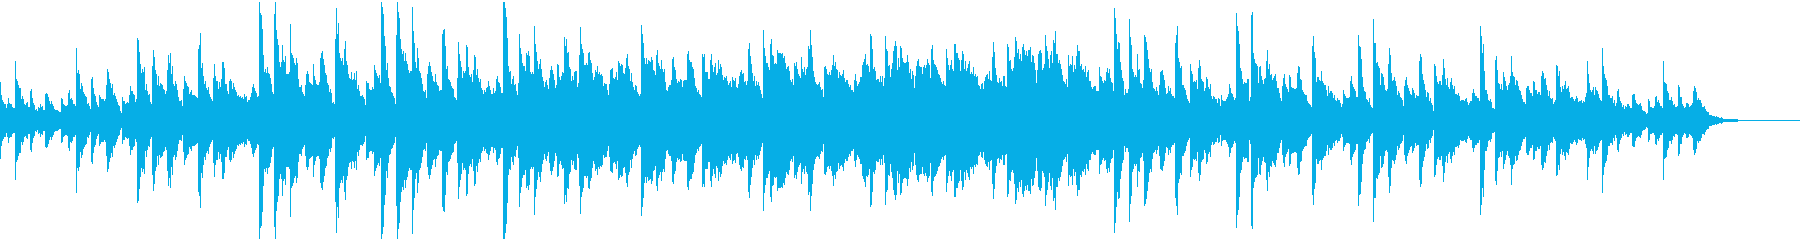 弦楽器を使ったインスピレーションあふれるの再生済みの波形